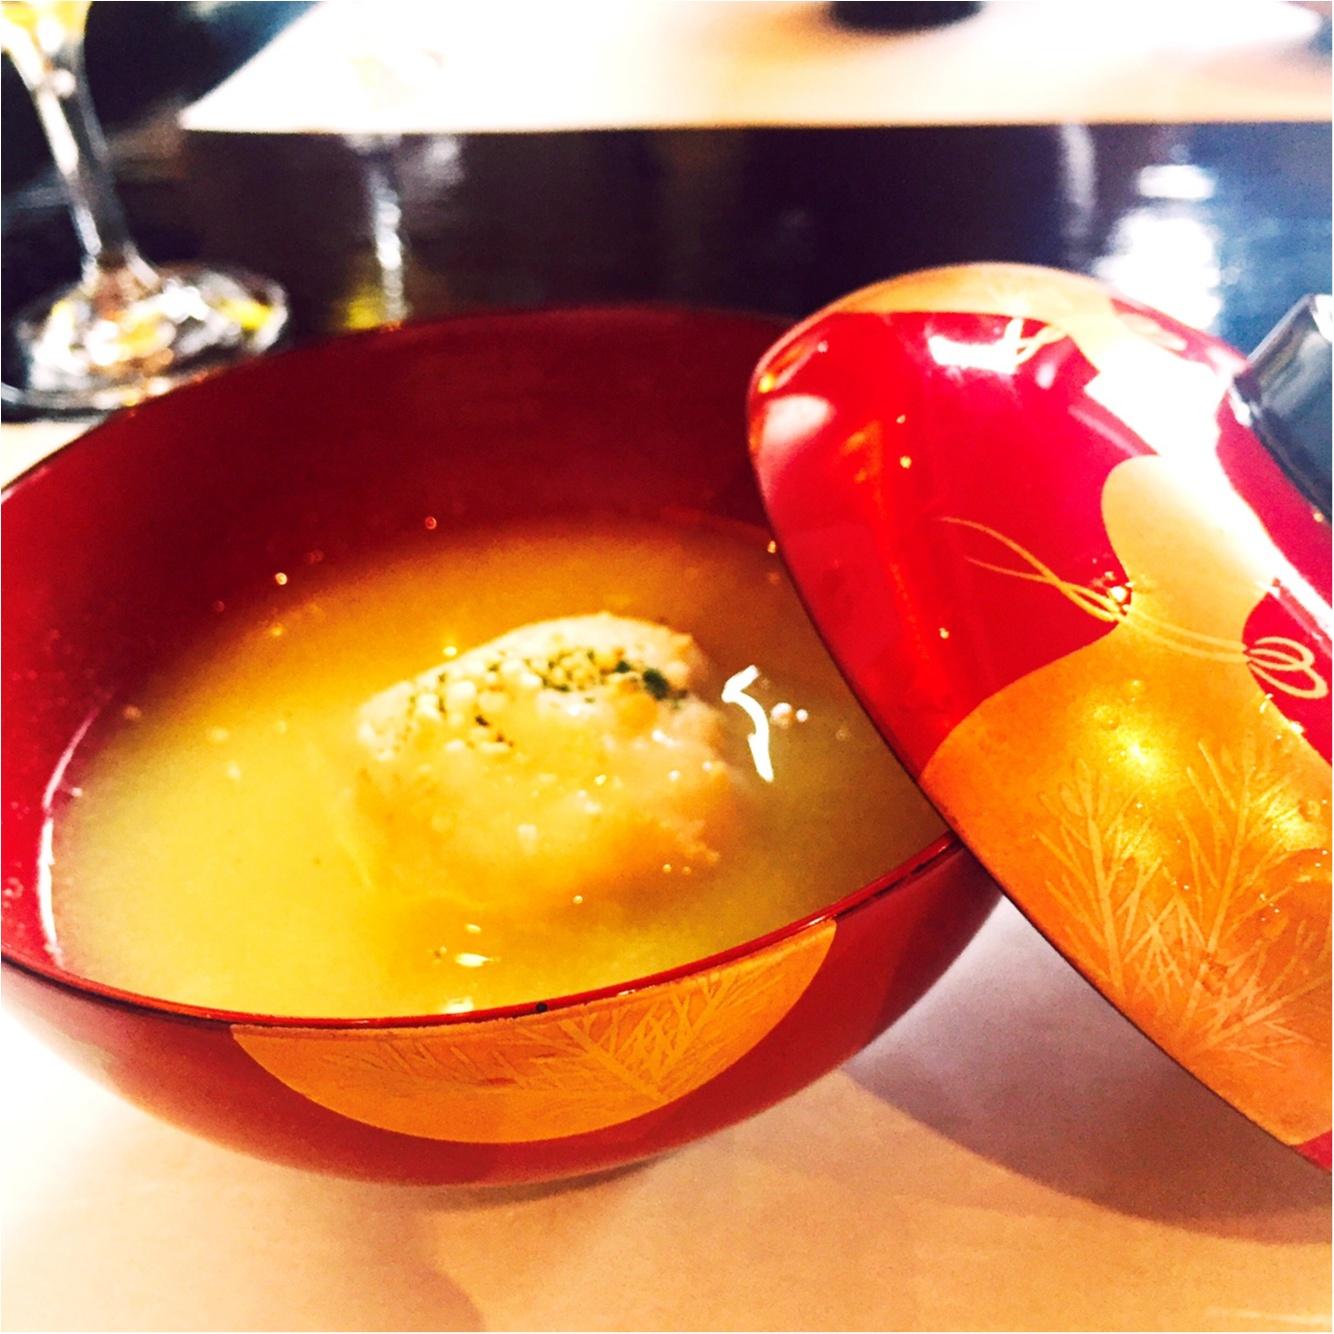 京都・祇園で味わえる!可愛すぎるお寿司♡『祇をん 豆寅』がおすすめです♡_6